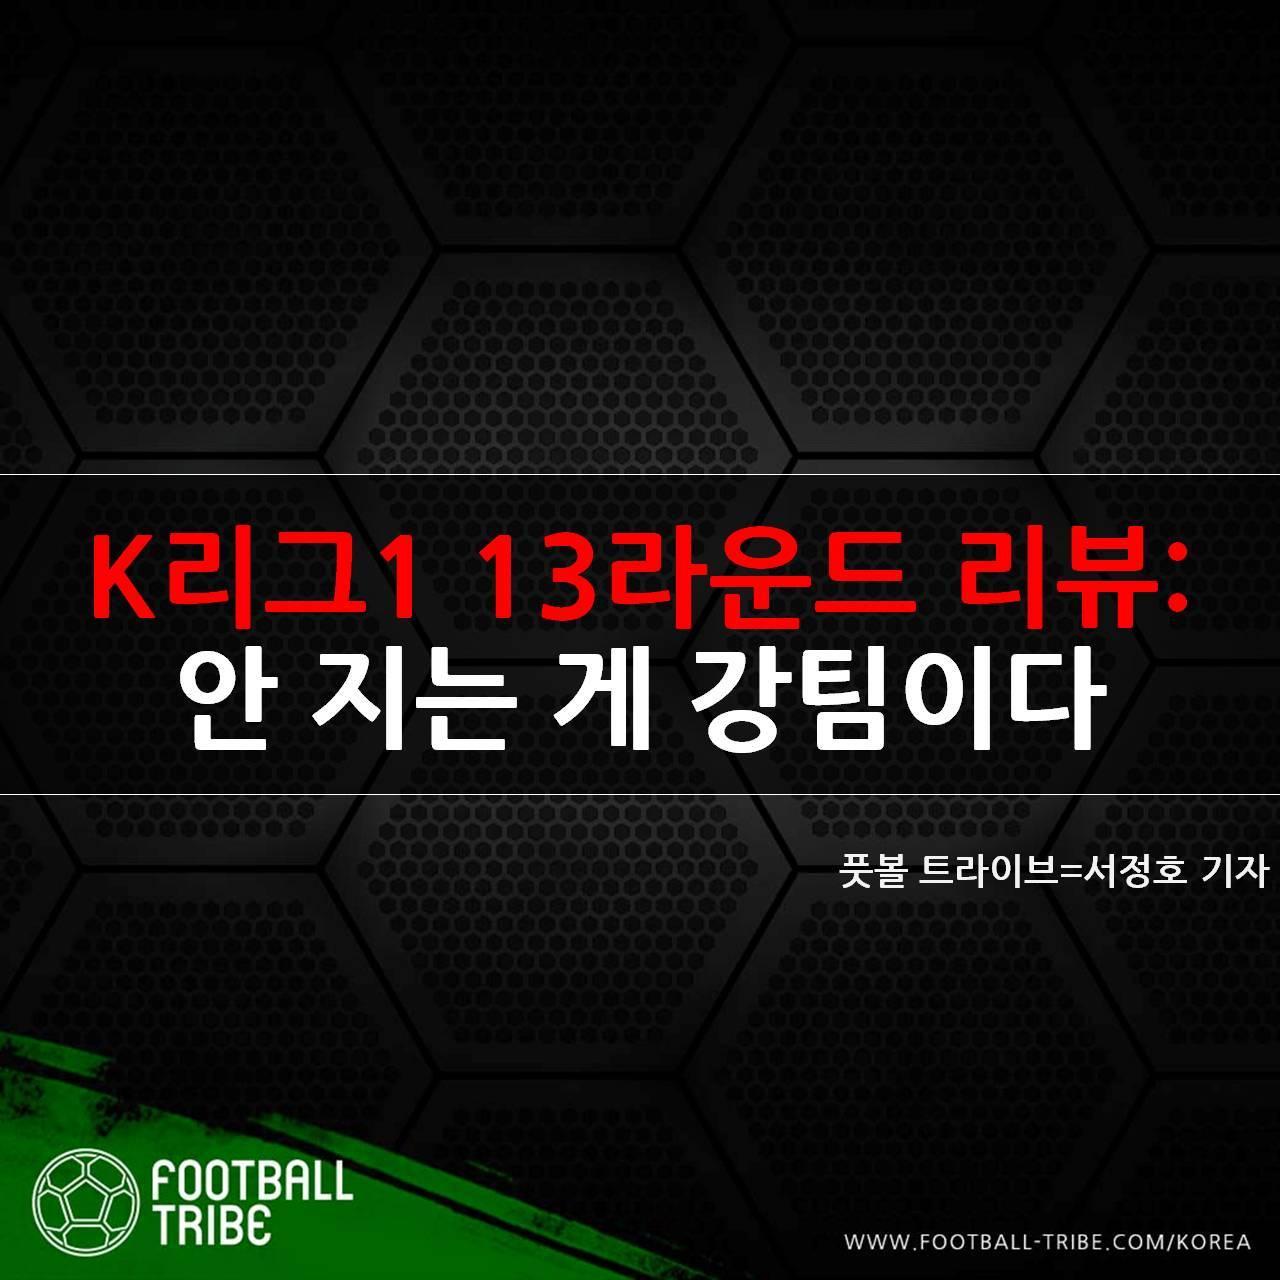 [K리그1 13라운드 리뷰] 안 지는 게 강팀이다